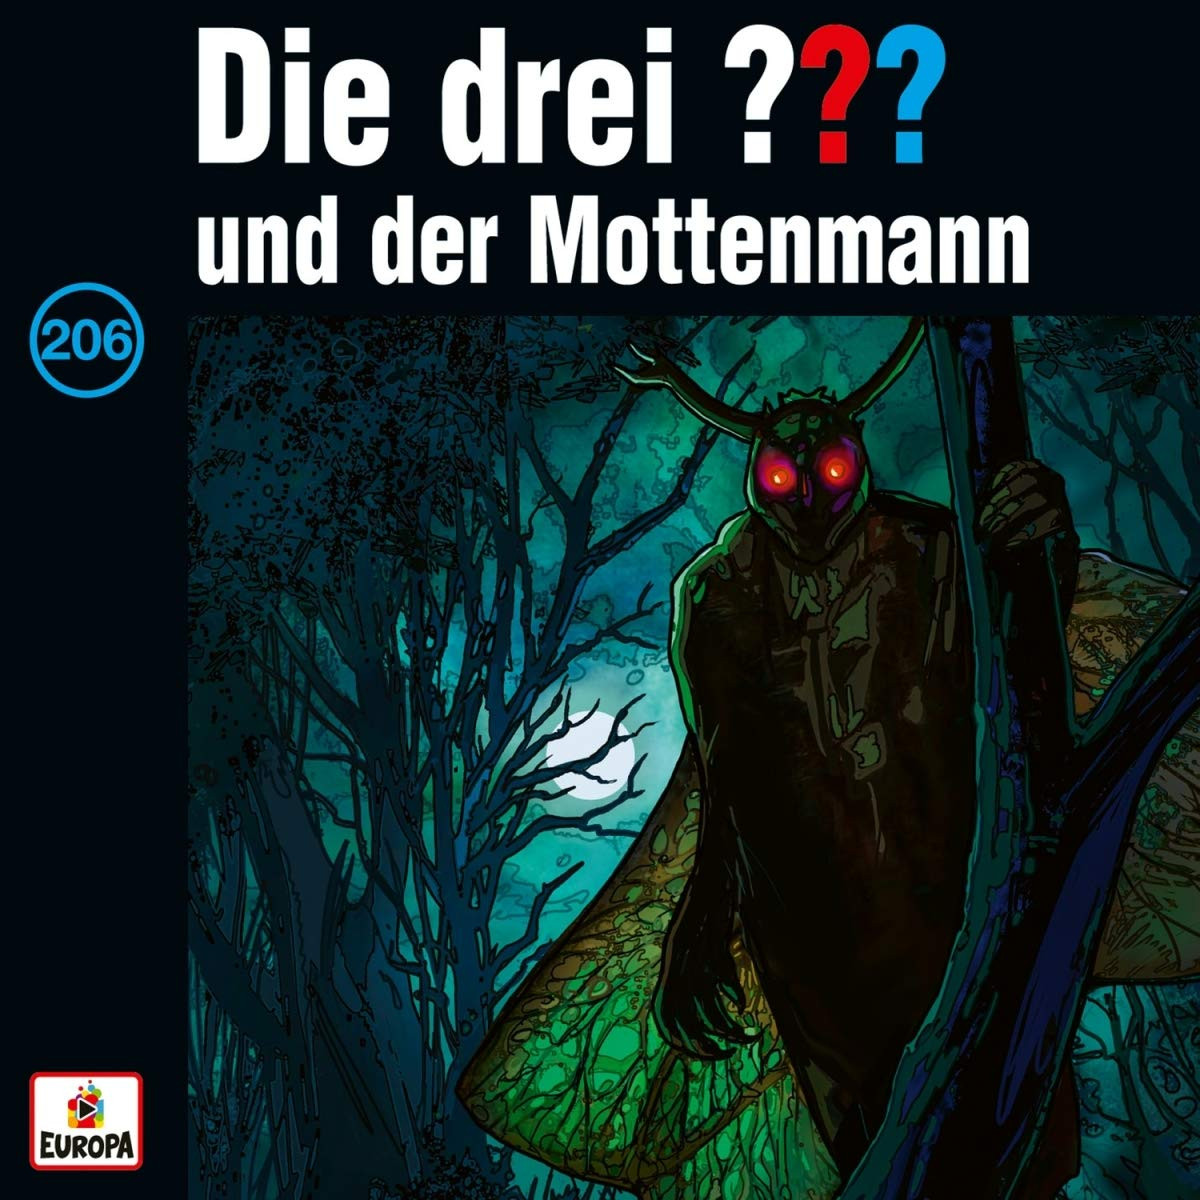 Die drei ??? Fragezeichen - Folge 206: und der Mottenmann (Vinyl LP)